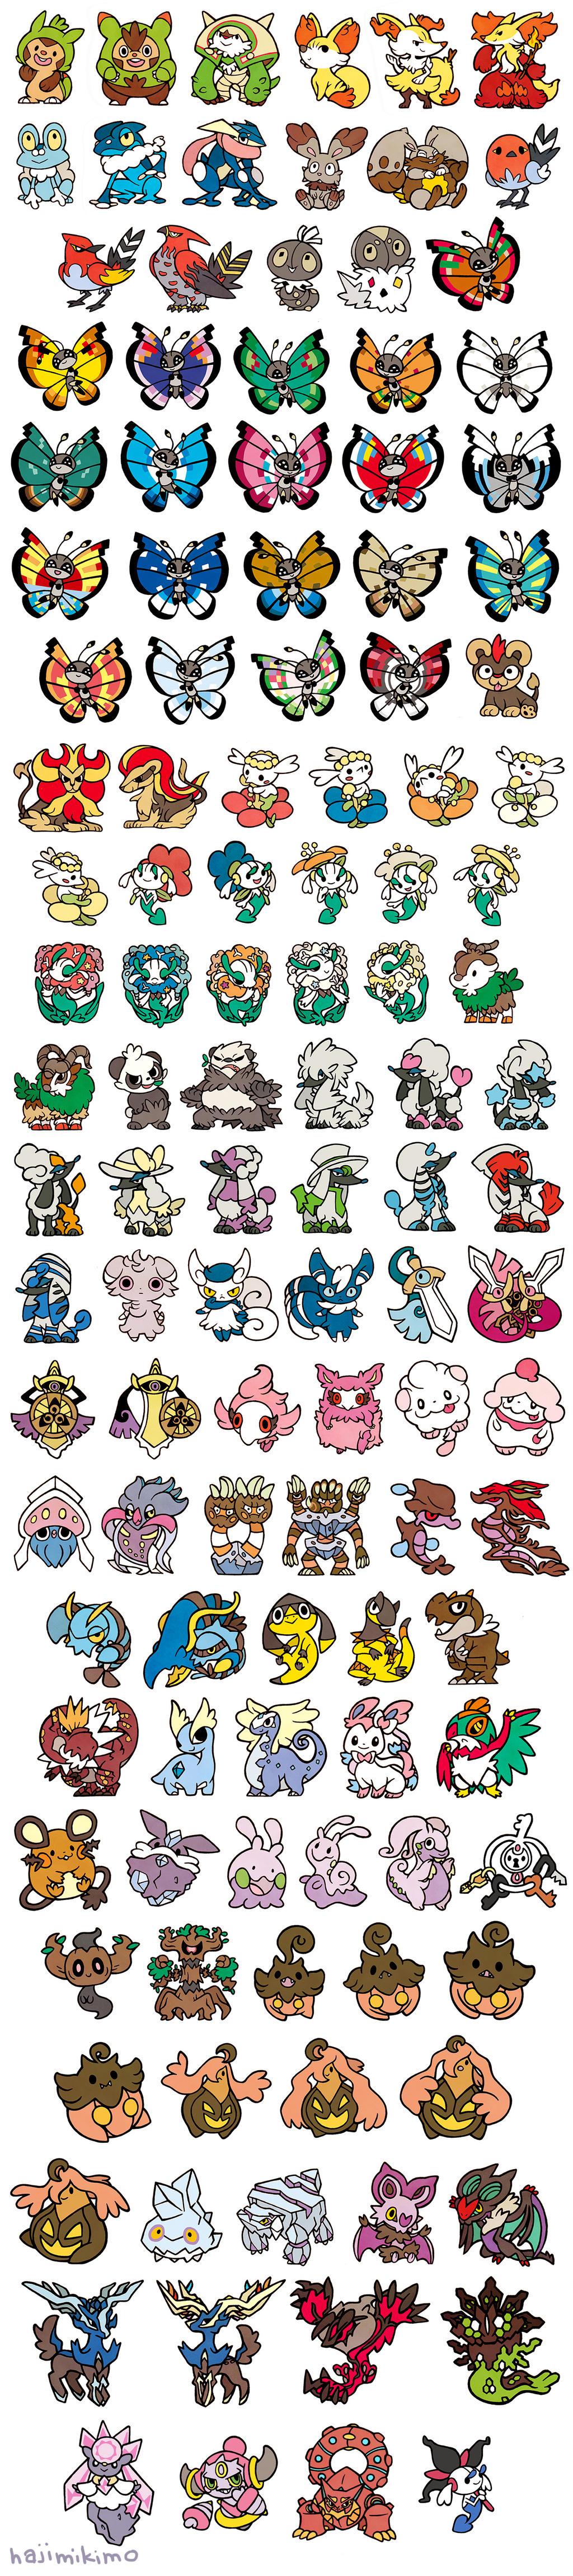 all gen 6 pokemon stickers by hajimikimo on deviantart